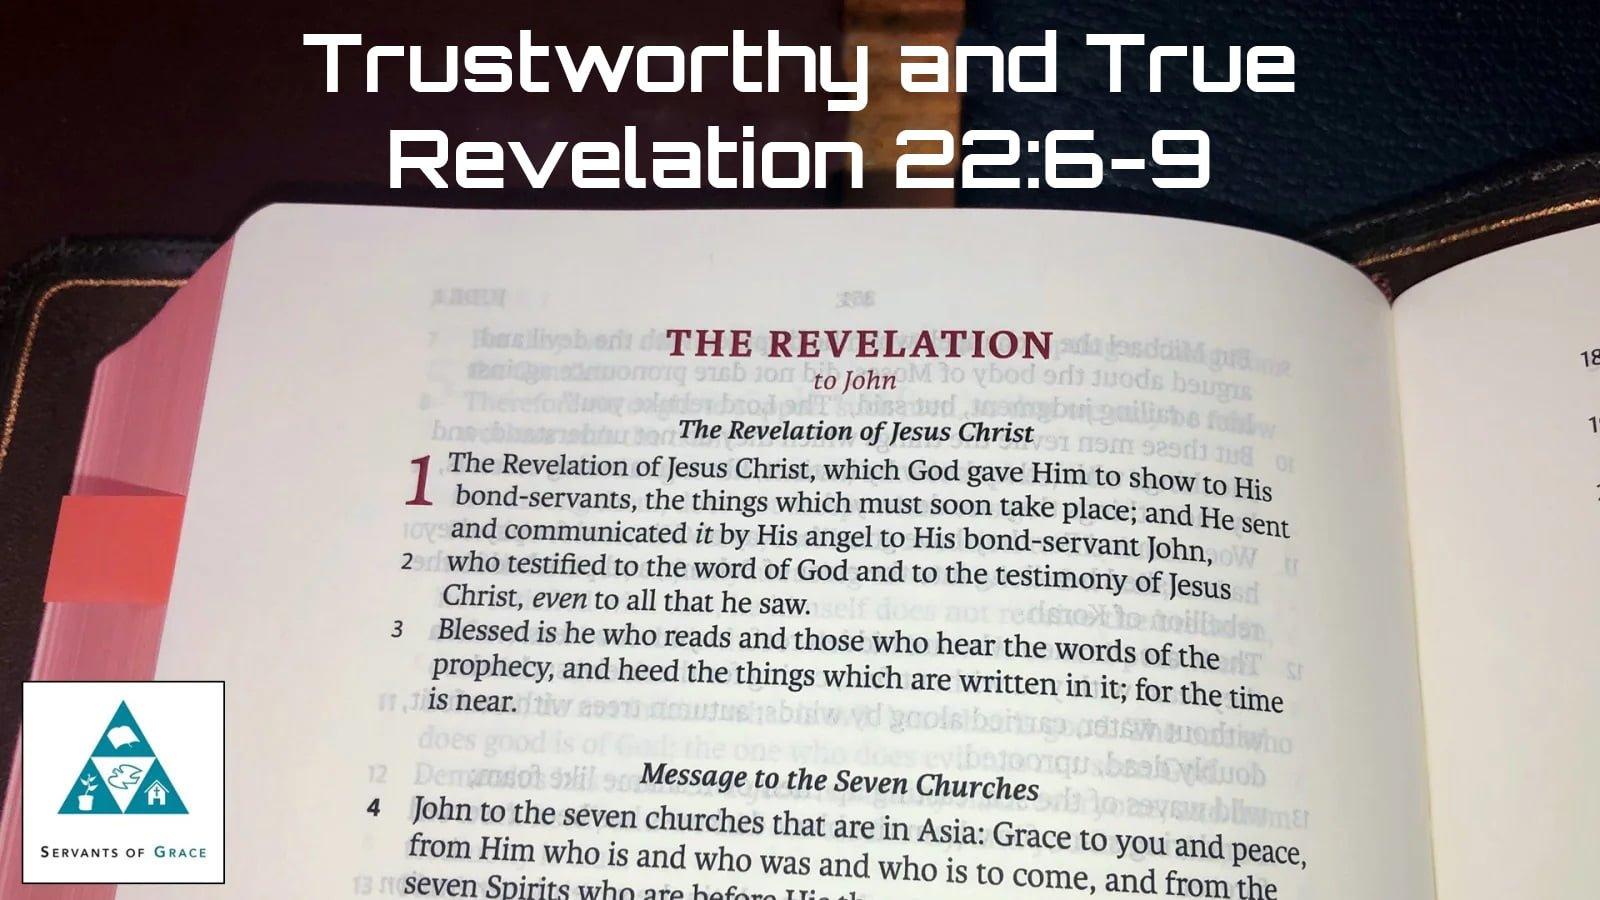 Trustworthy and True 1